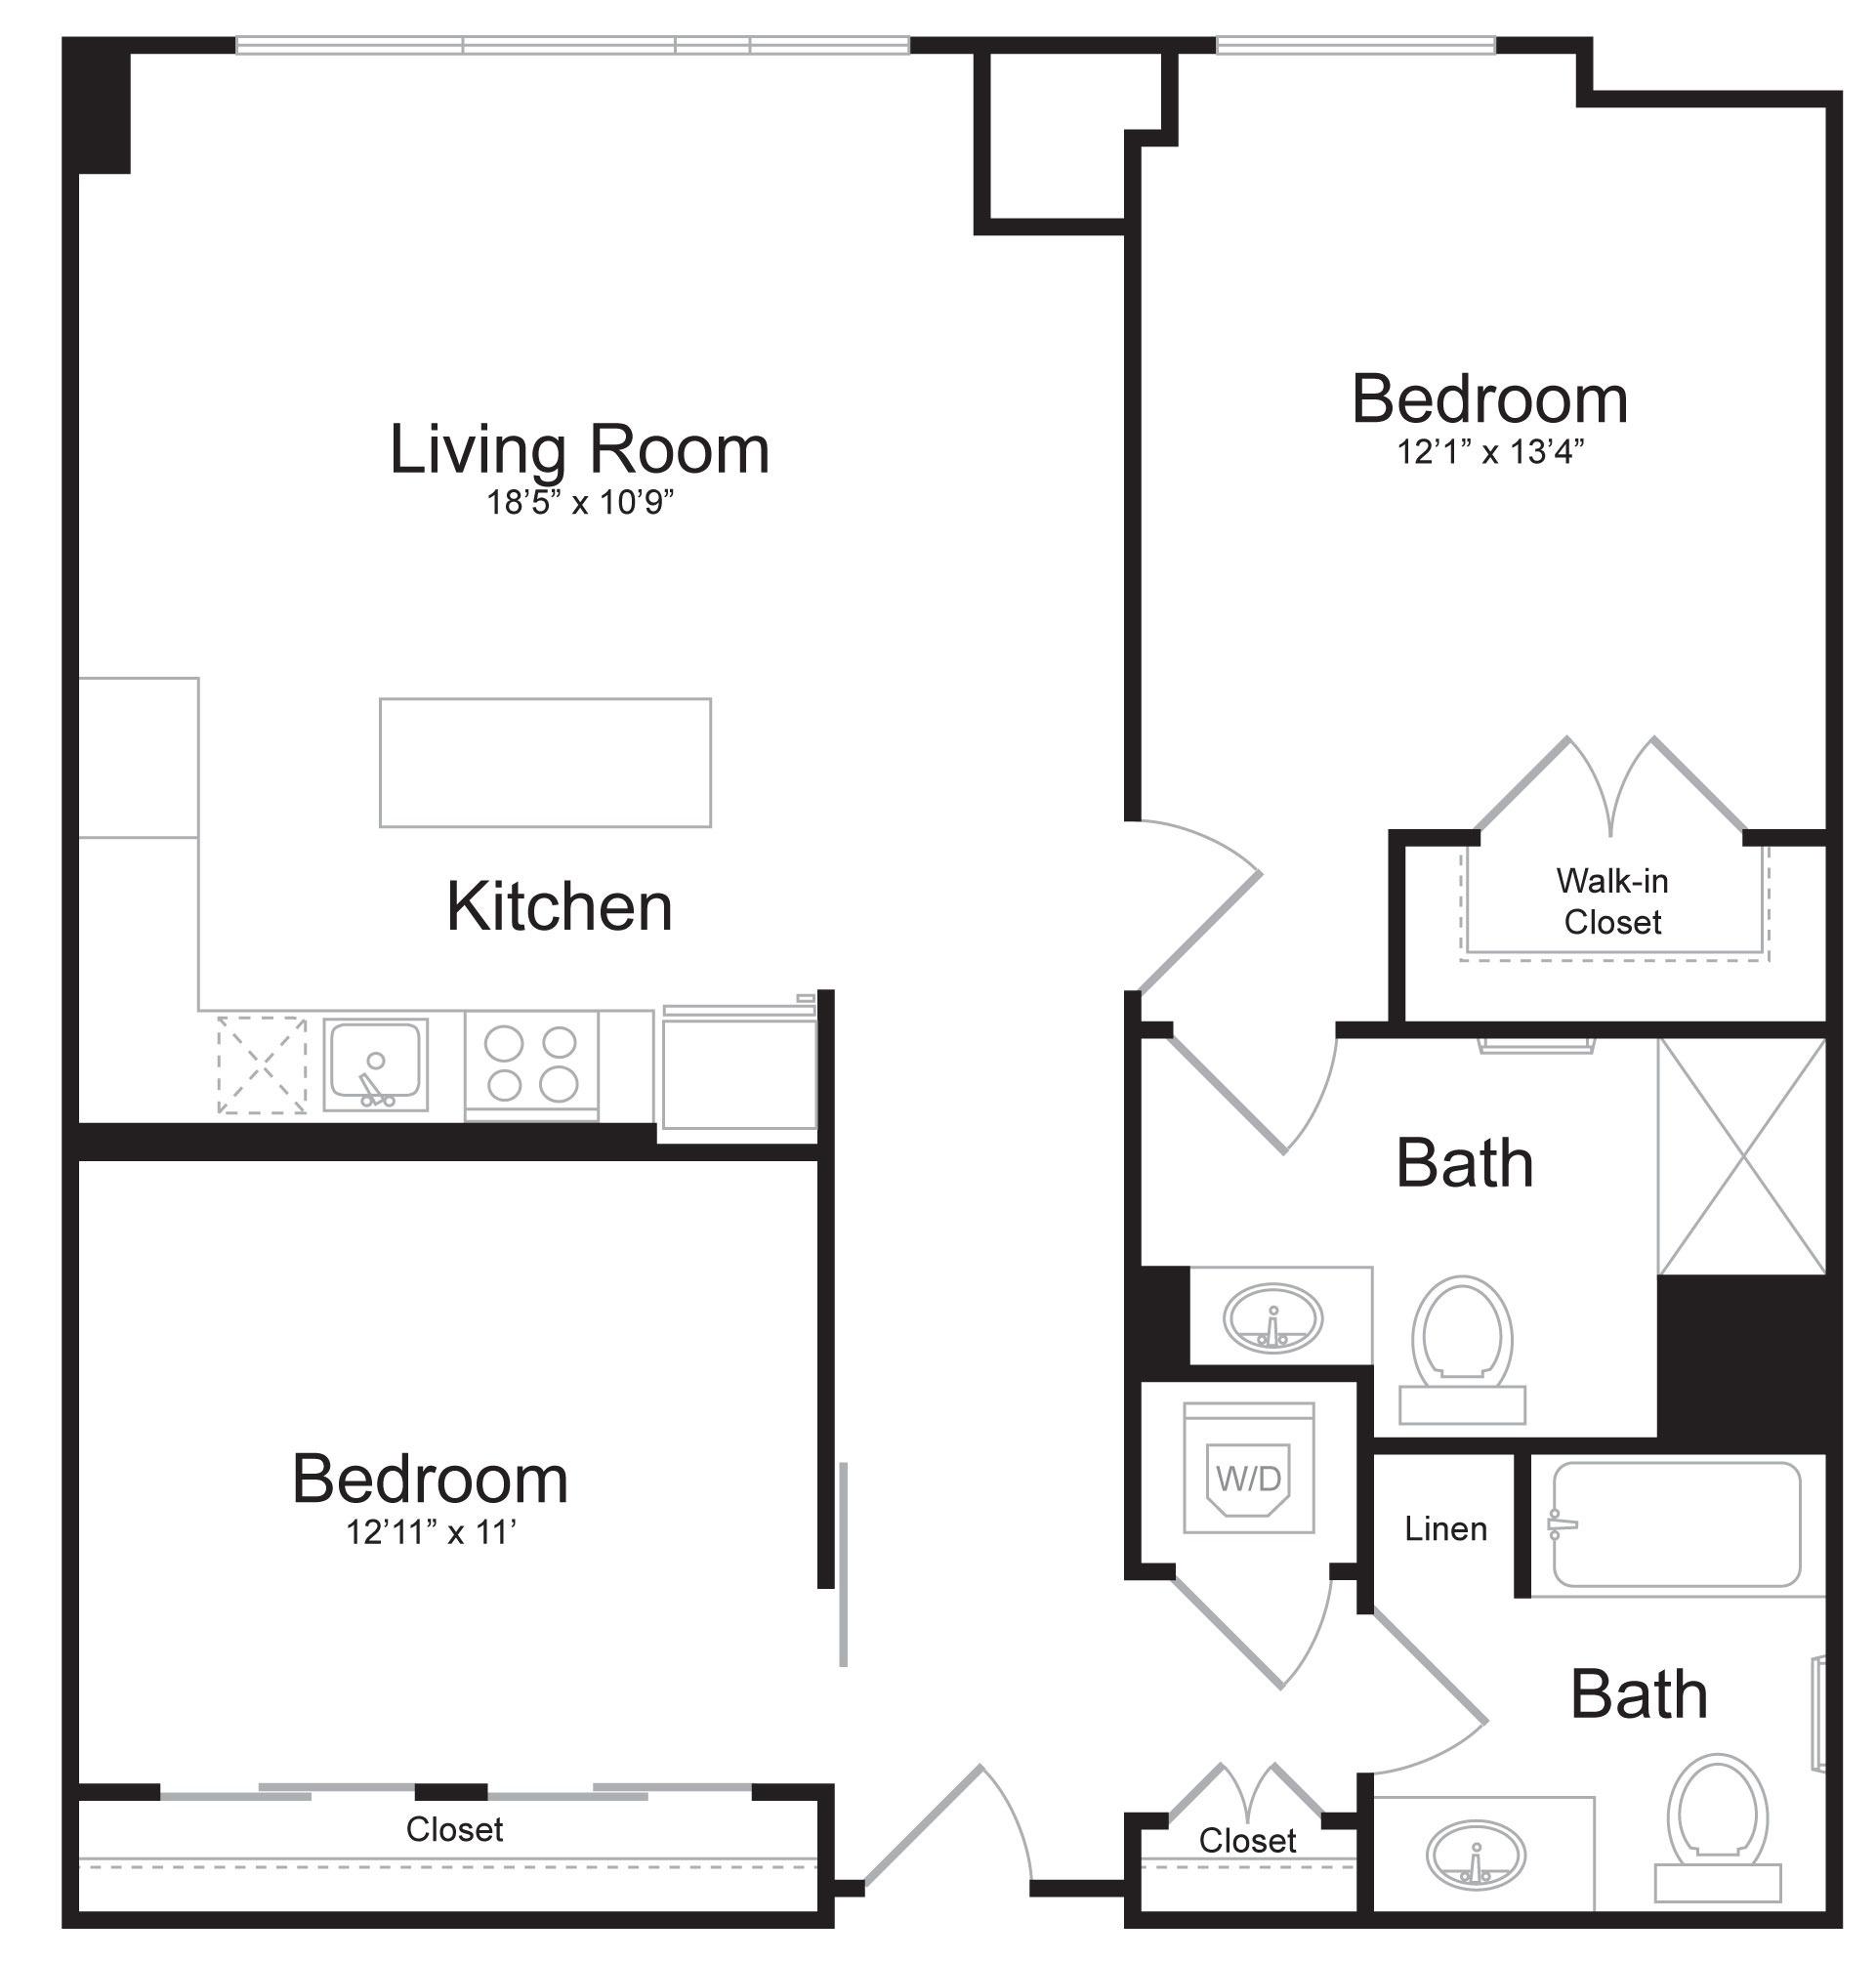 D3 - 2 Bed 2 Bath - 1,109 SF